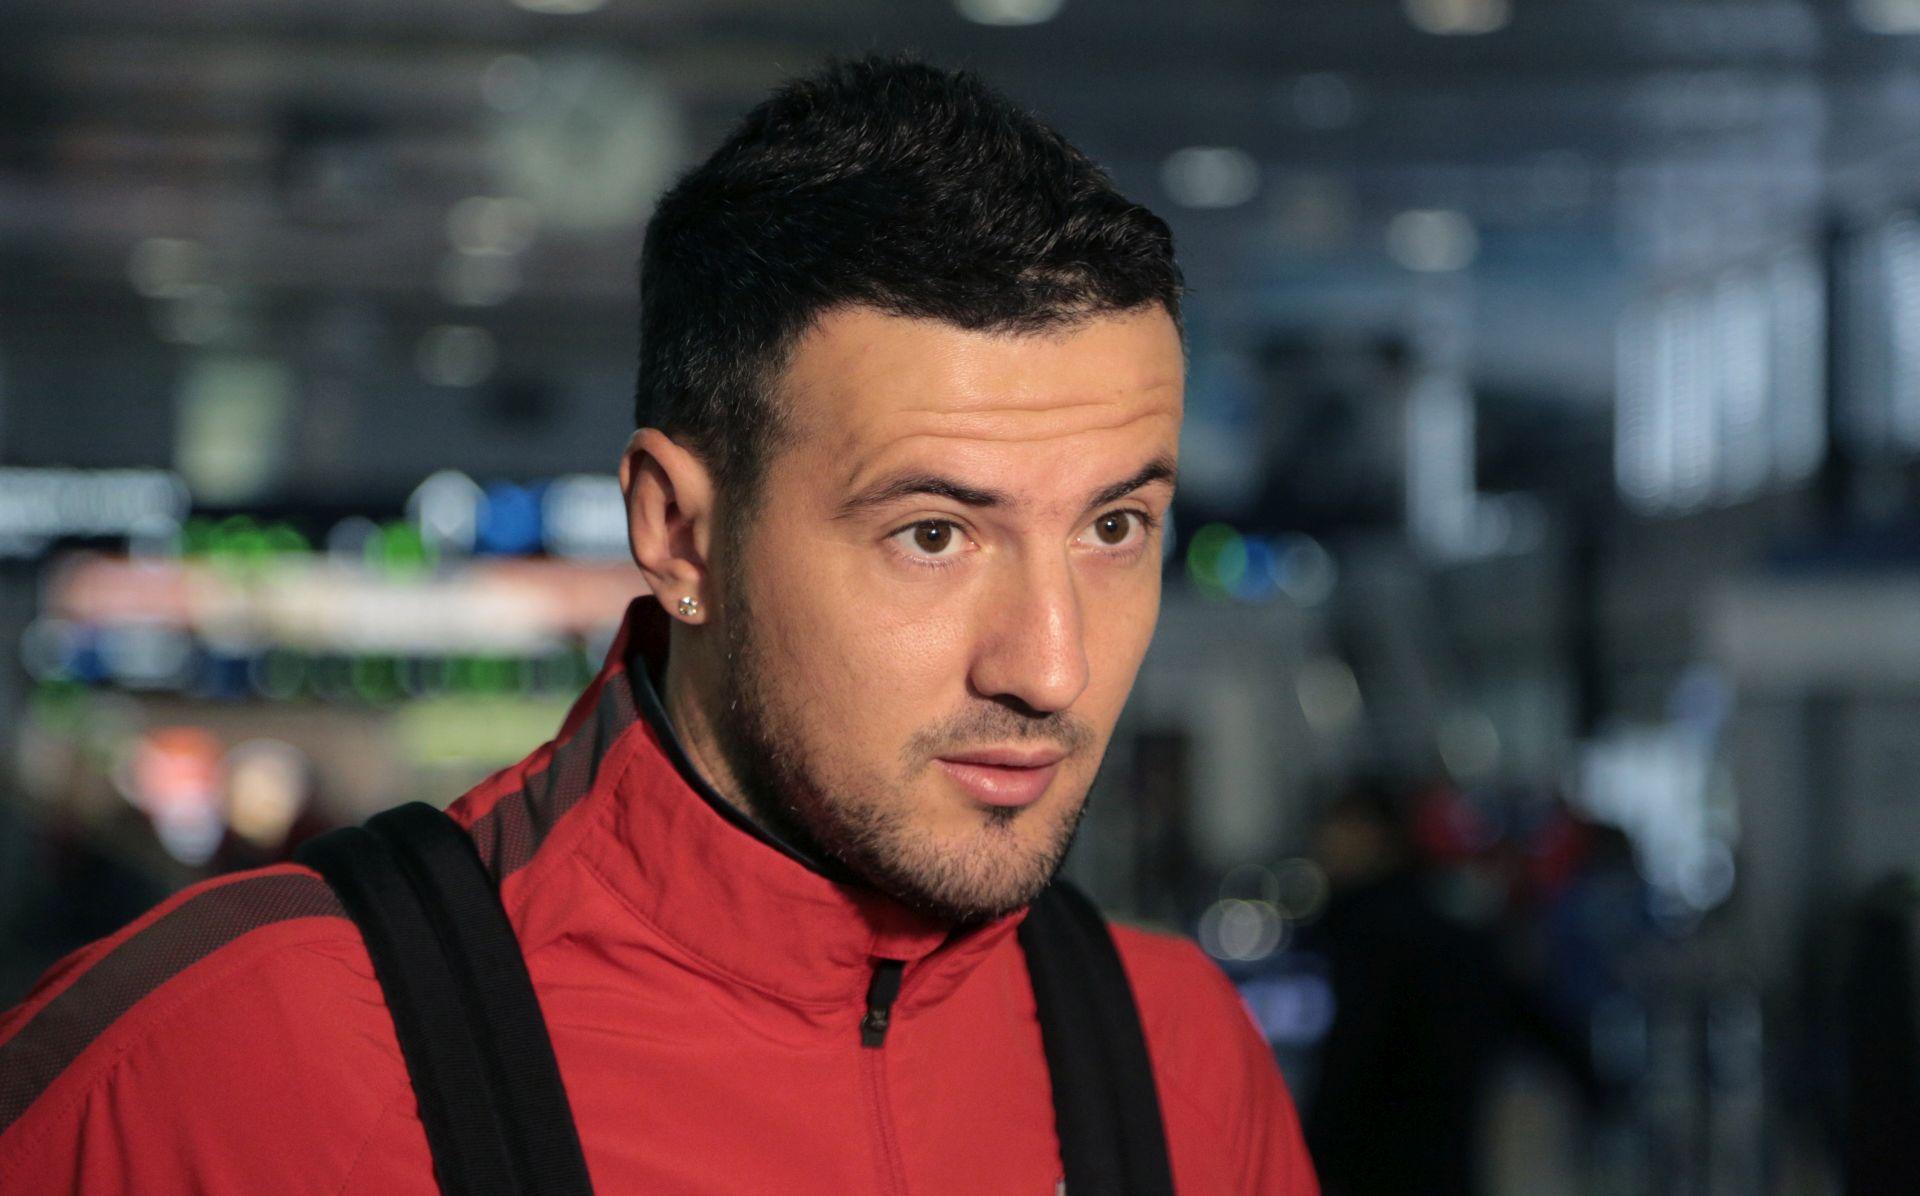 IZABRALI NAVIJAČI Danijel Subašić najbolji igrač Monaca u listopadu